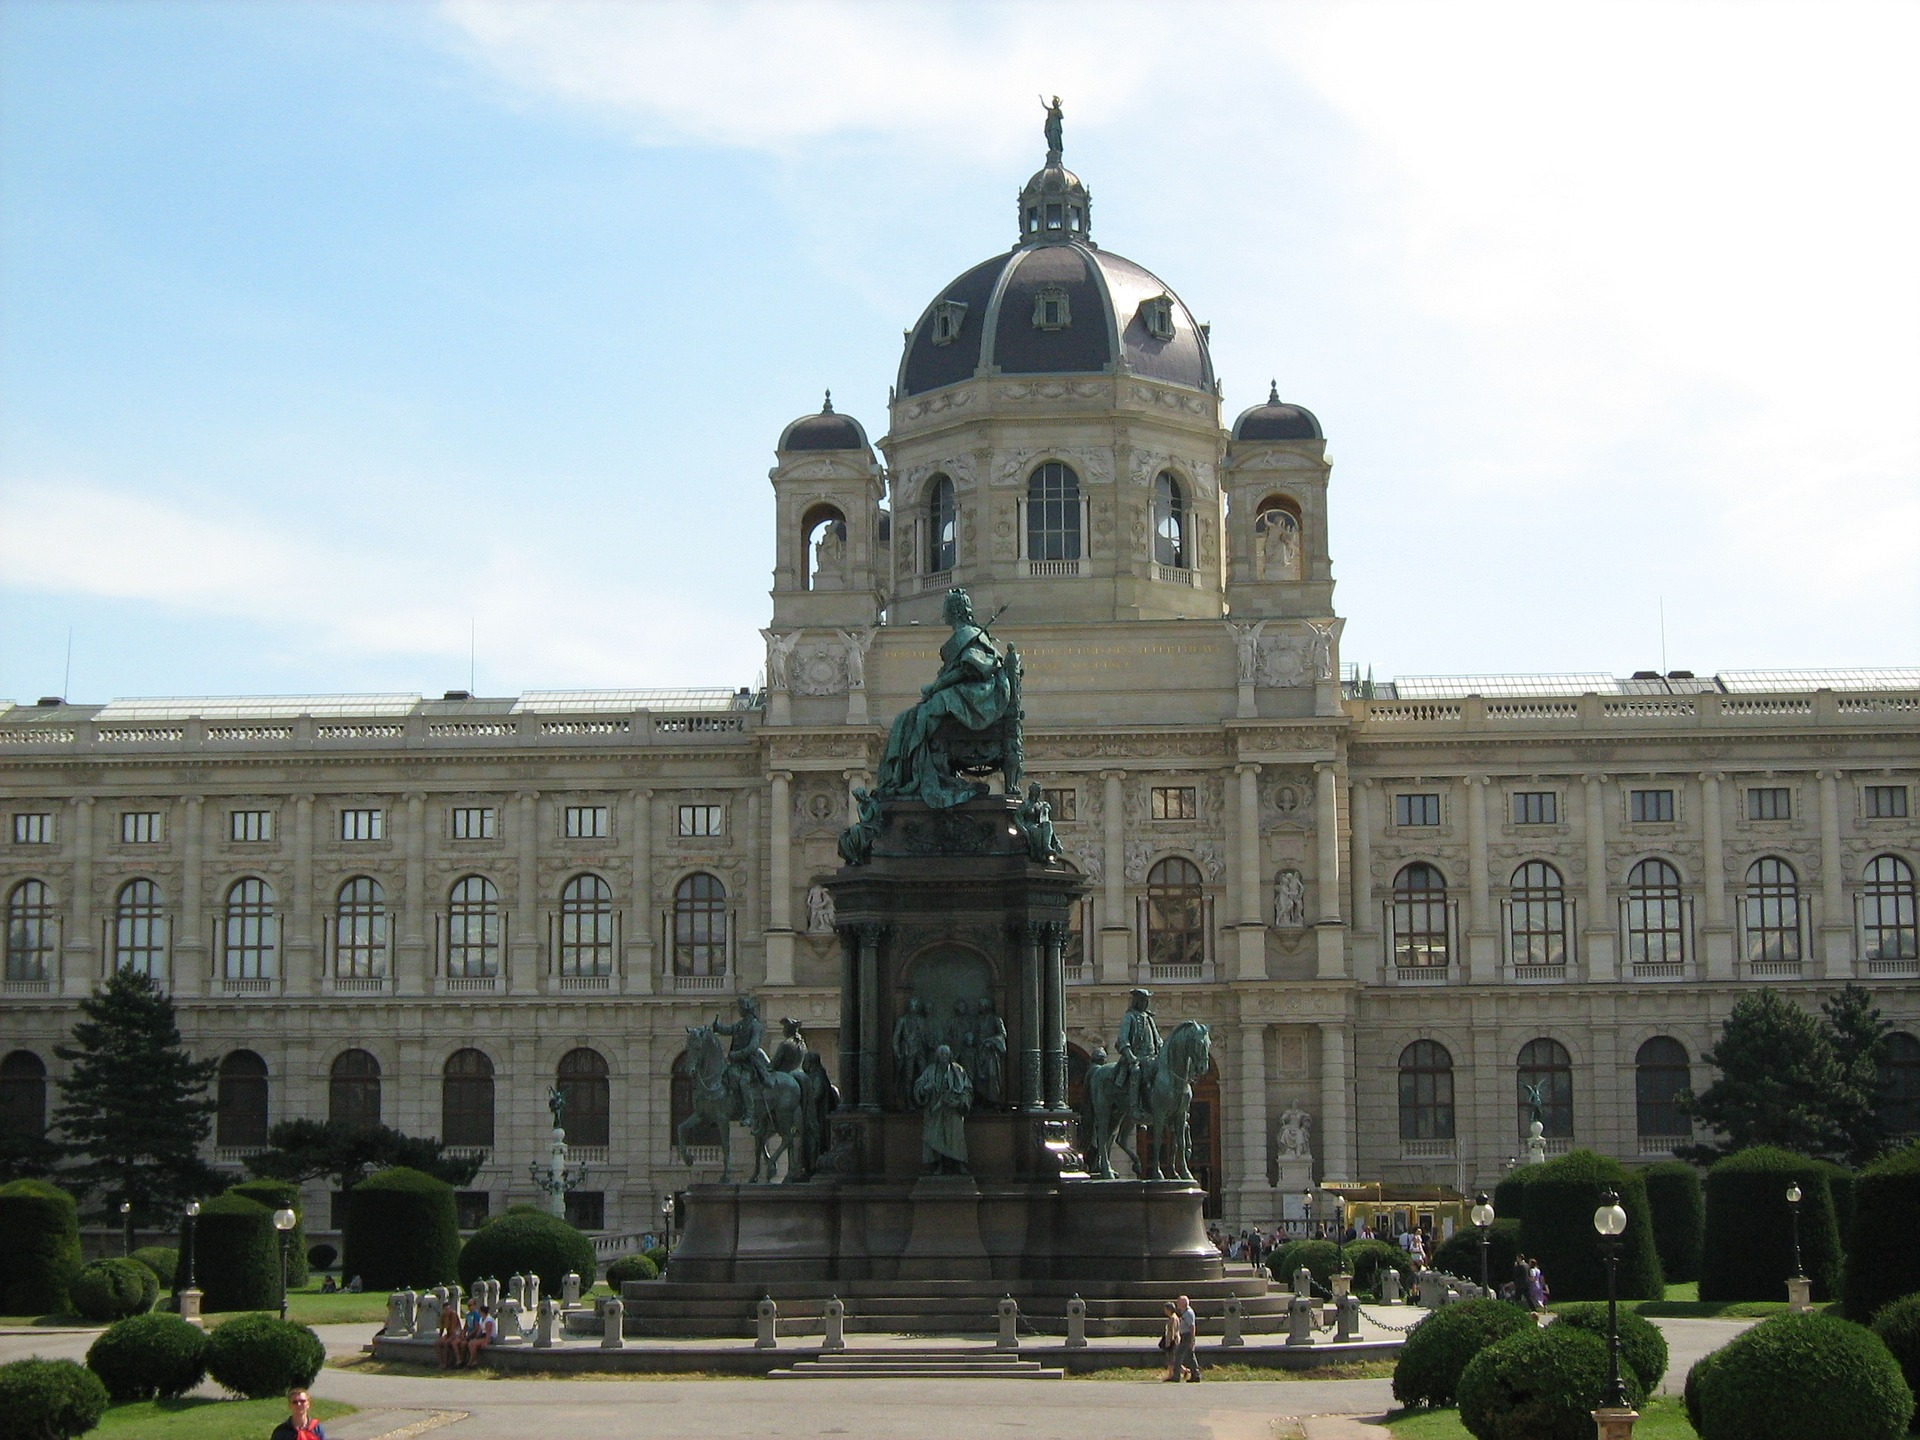 monumentálny pomník Márie Terézie z r. 1888 stojí medzi Kunsthistorickým a Prírodovedným múzeom